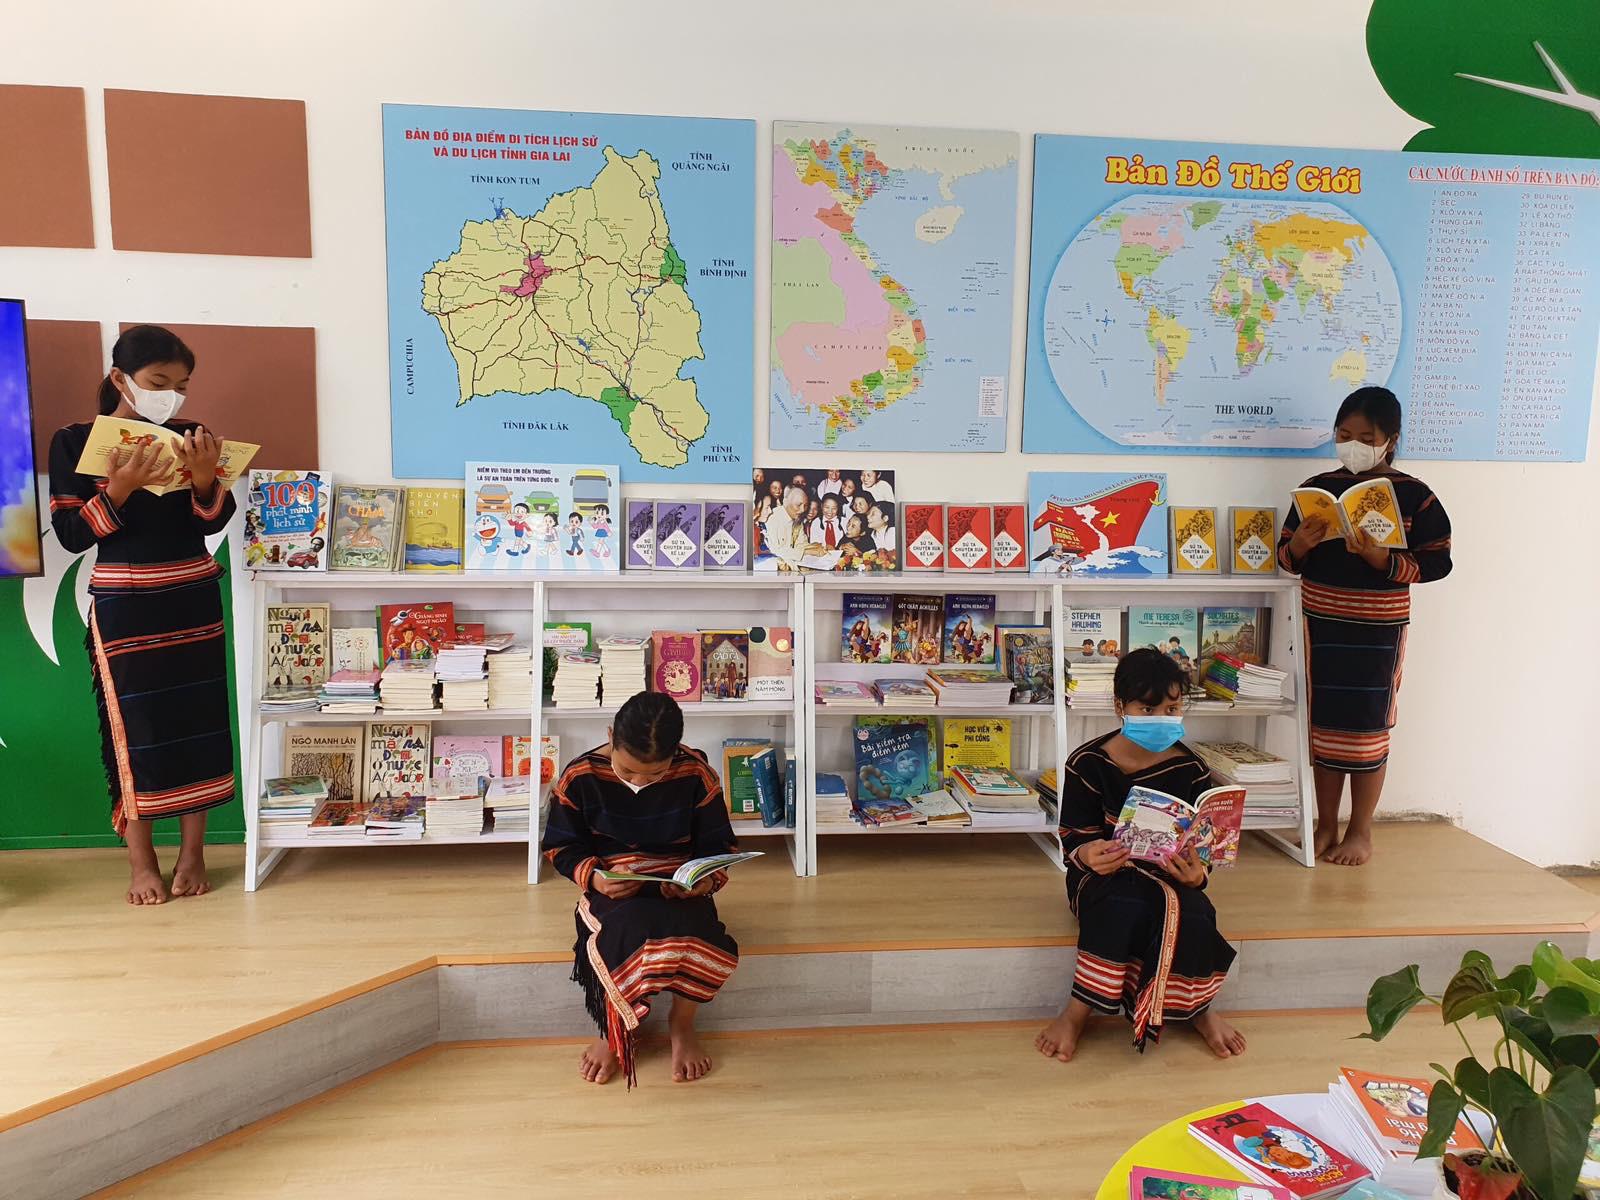 Khánh thành không gian đọc sách mô hình mới tại Pleiku - Ảnh 4.